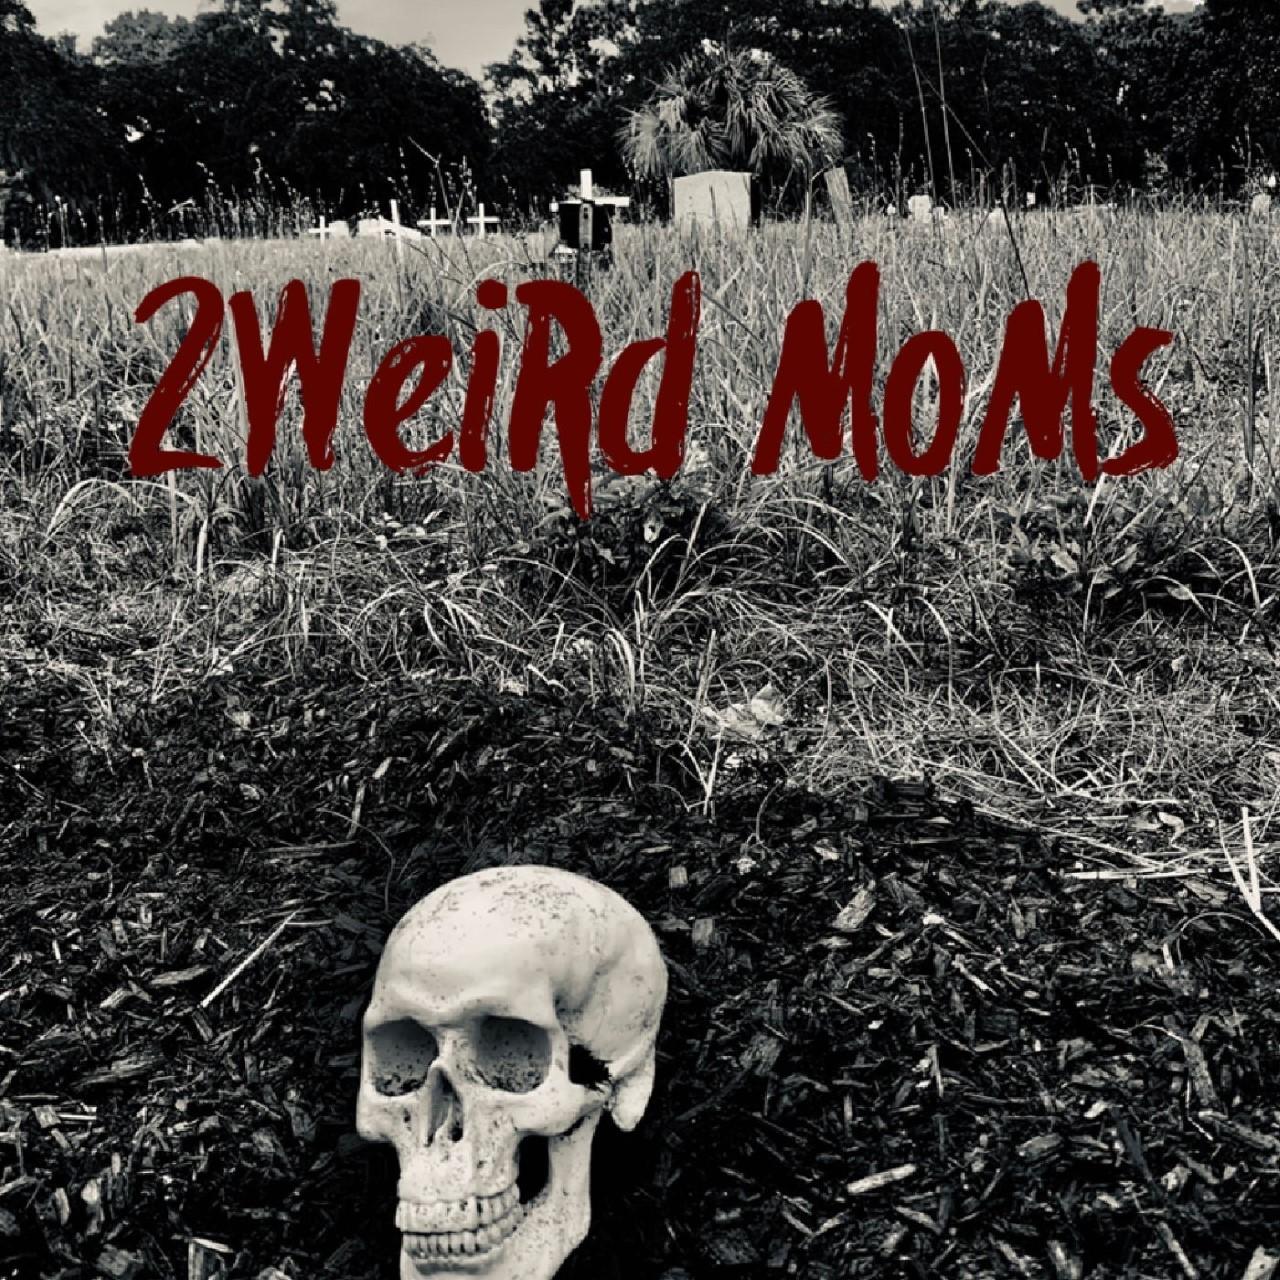 2WeiRd MoMs